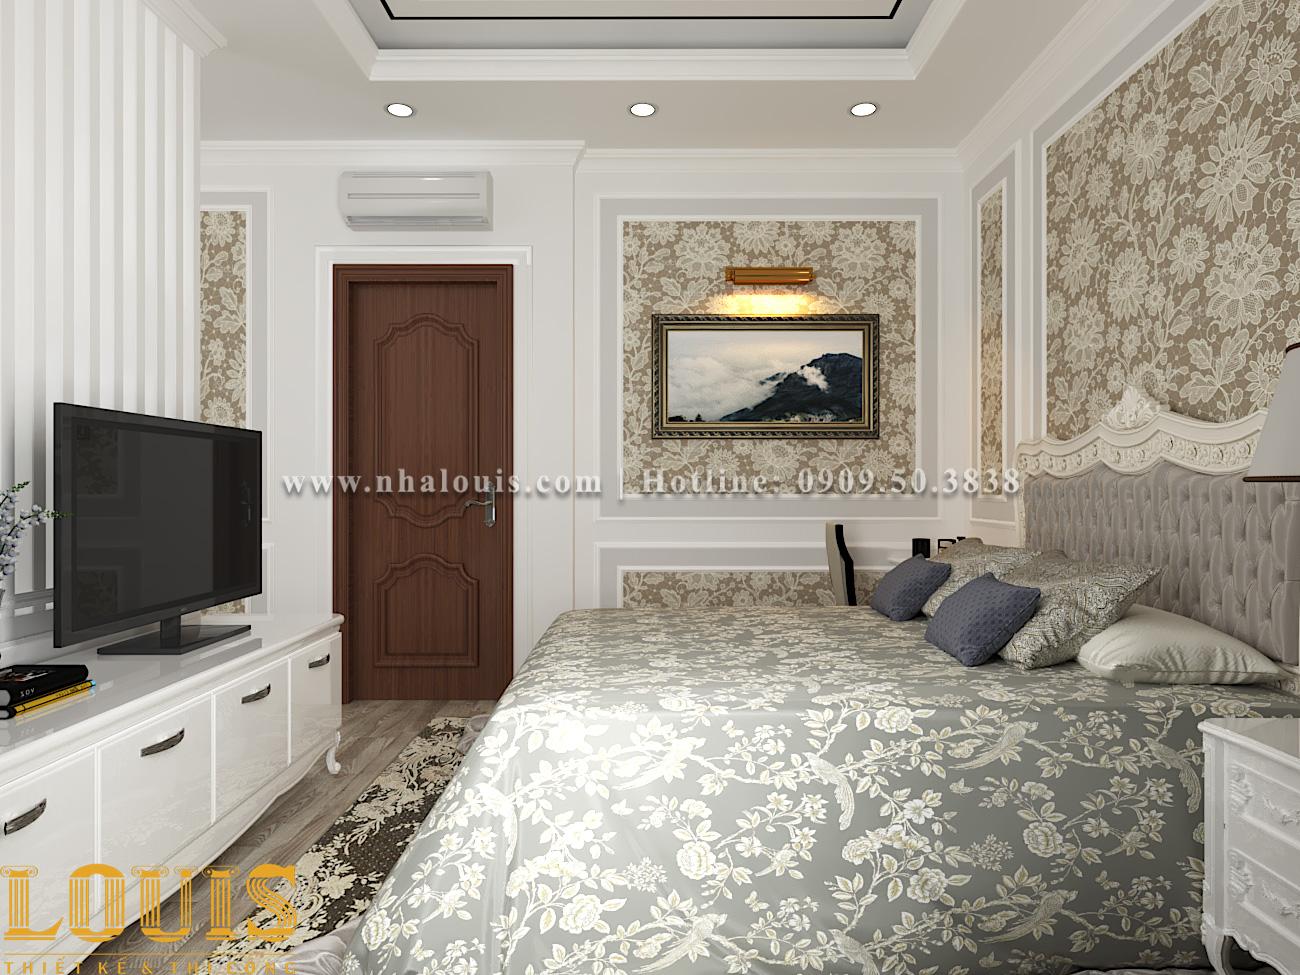 Phòng ngủ Mẫu nhà ống tân cổ điển 4 tầng tại Gò Vấp đẹp sang chảnh - 29